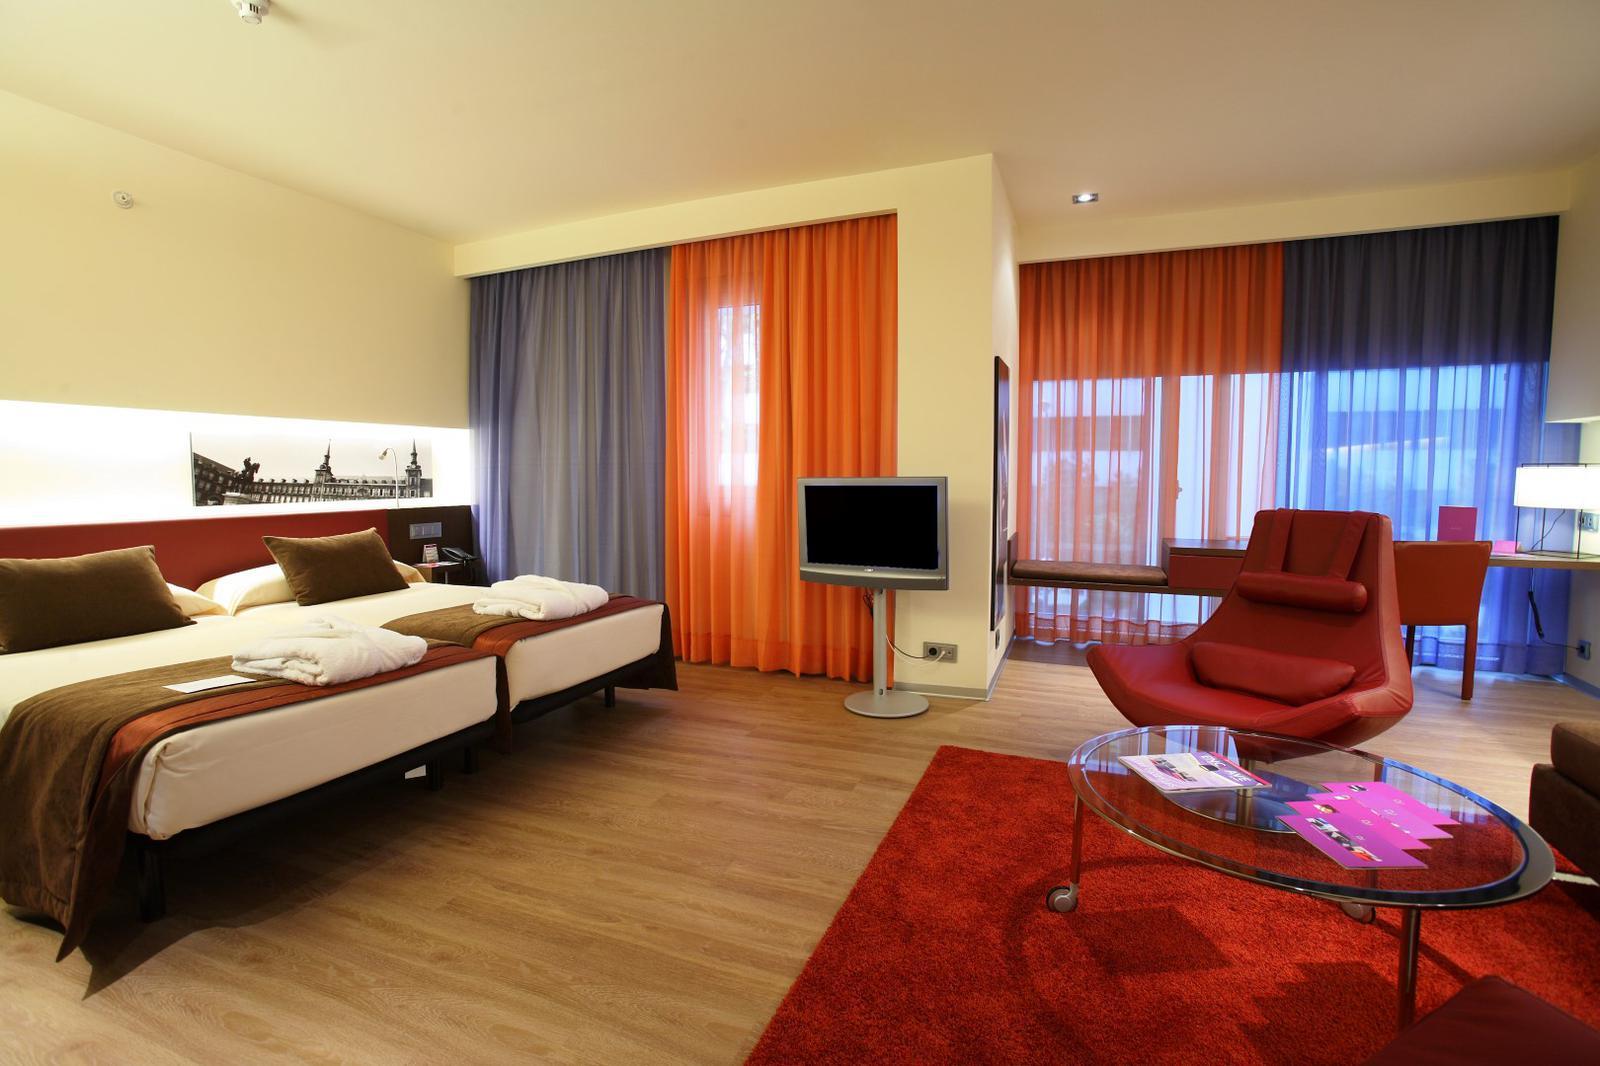 Habitación doble en Hotel Gran Colón en Madrid